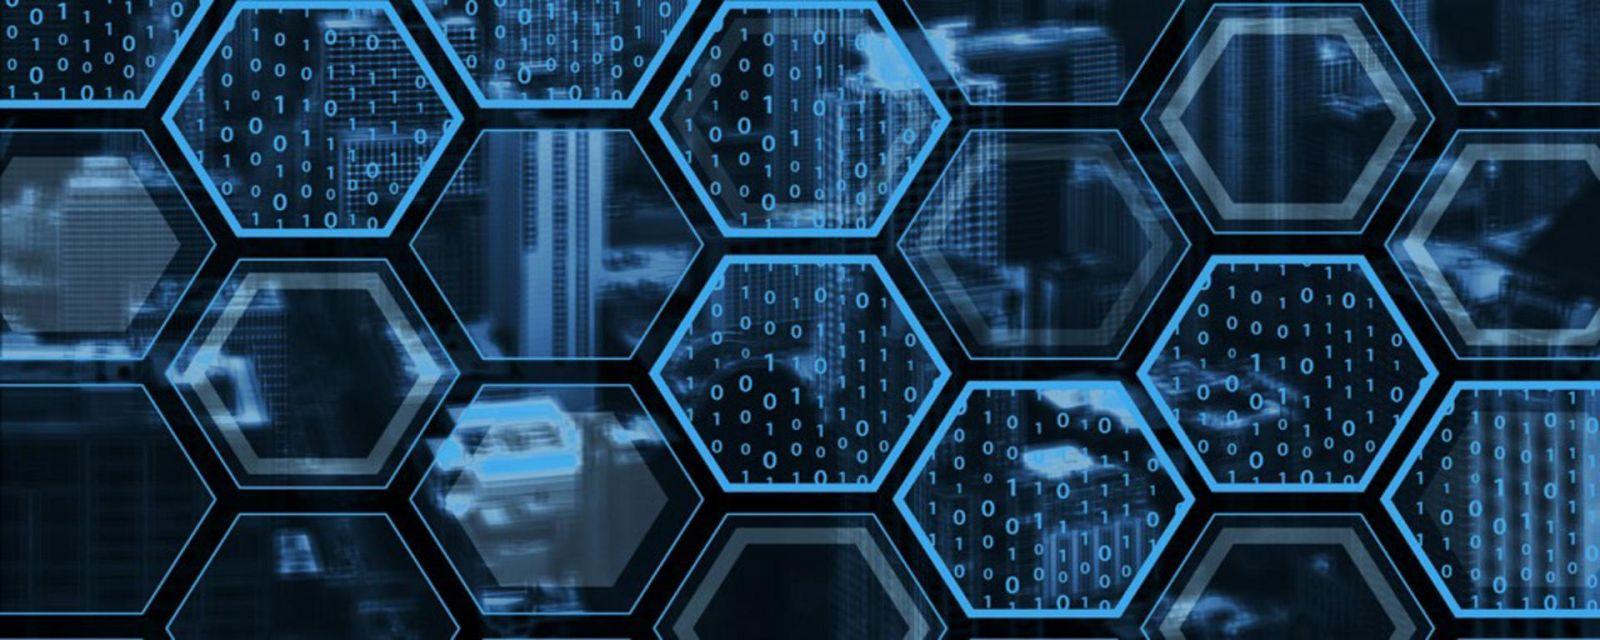 Qiwi начала выявлять сомнительные транзакции с помощью нового алгоритма (blockchain webitcoin 1)